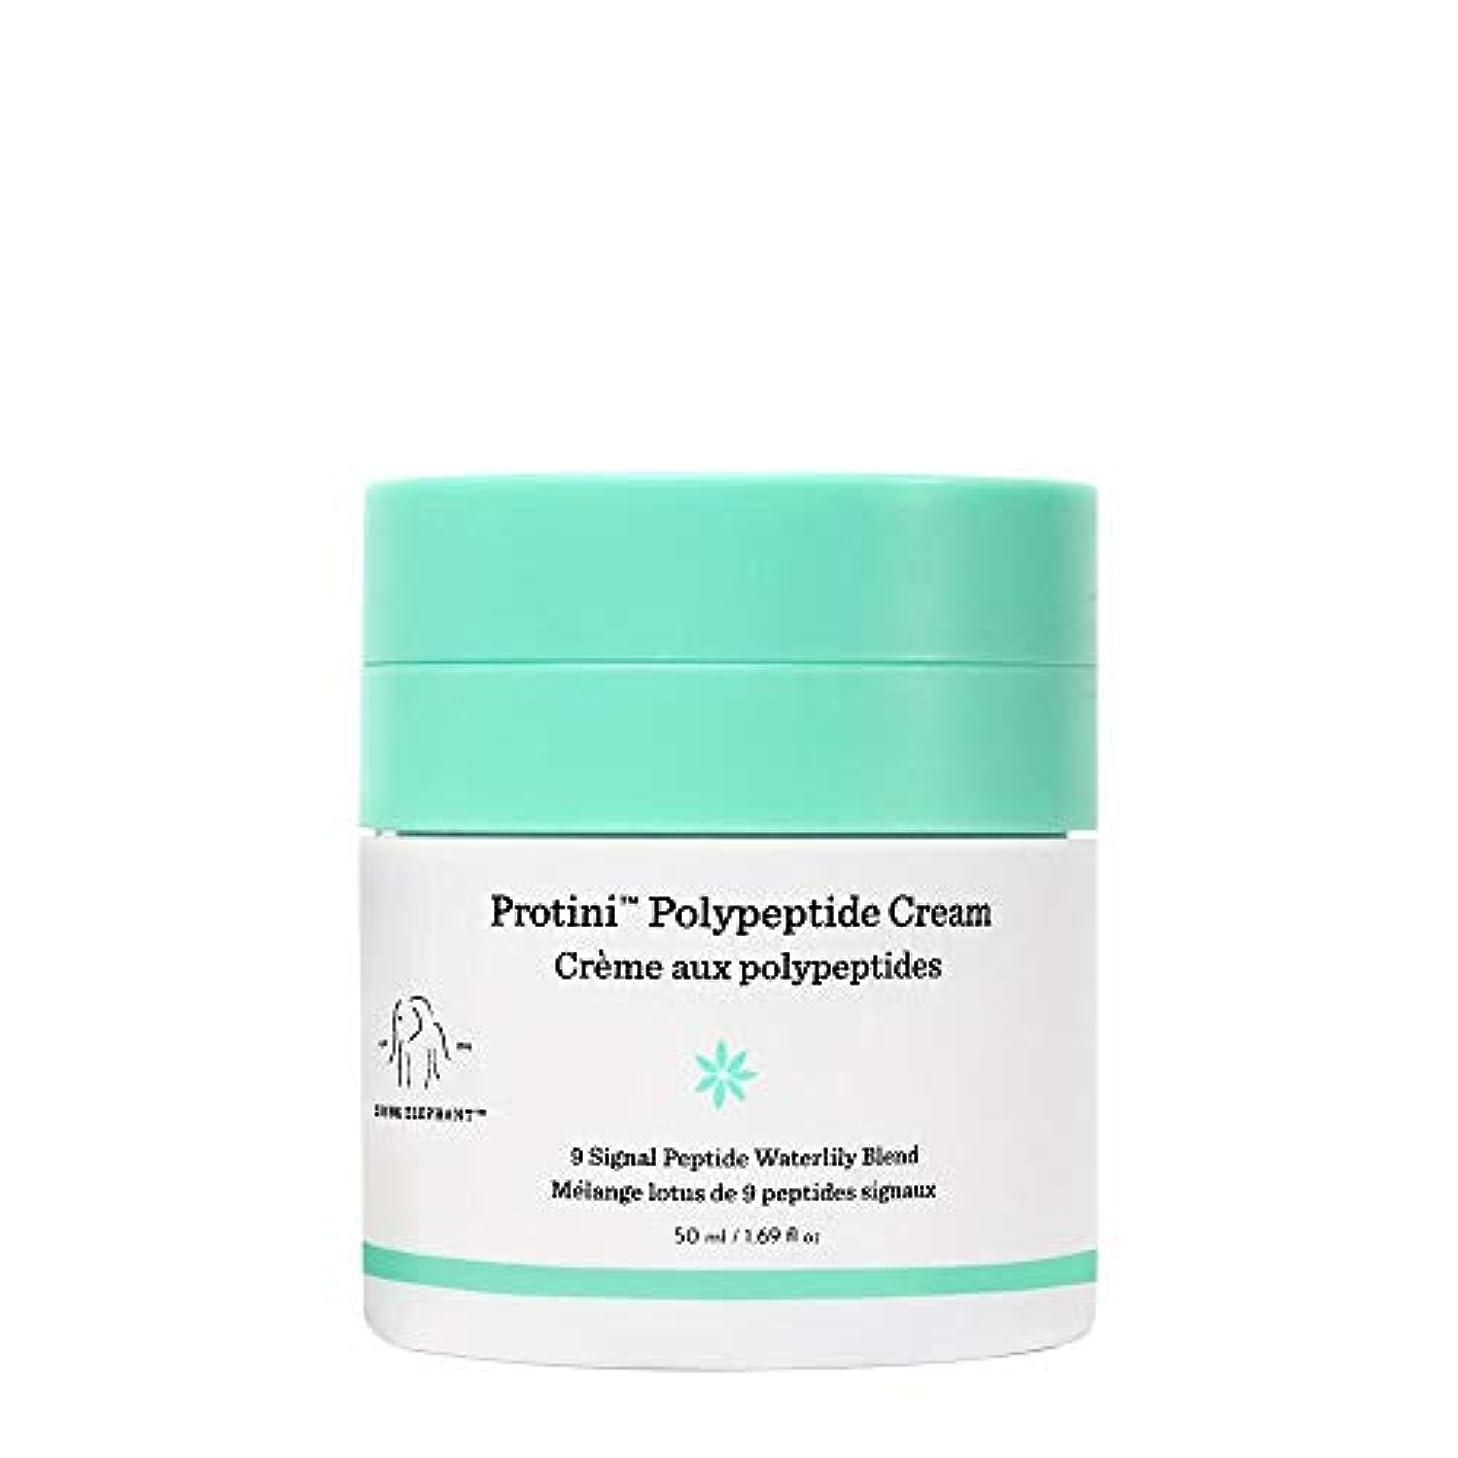 花瓶抑制するすなわちDRUNK ELEPHANT Protini Polypeptide Cream 1.69 oz/ 50 ml ドランクエレファント プロティーニ ポリペプタイド クリーム 1.69 oz/ 50 ml